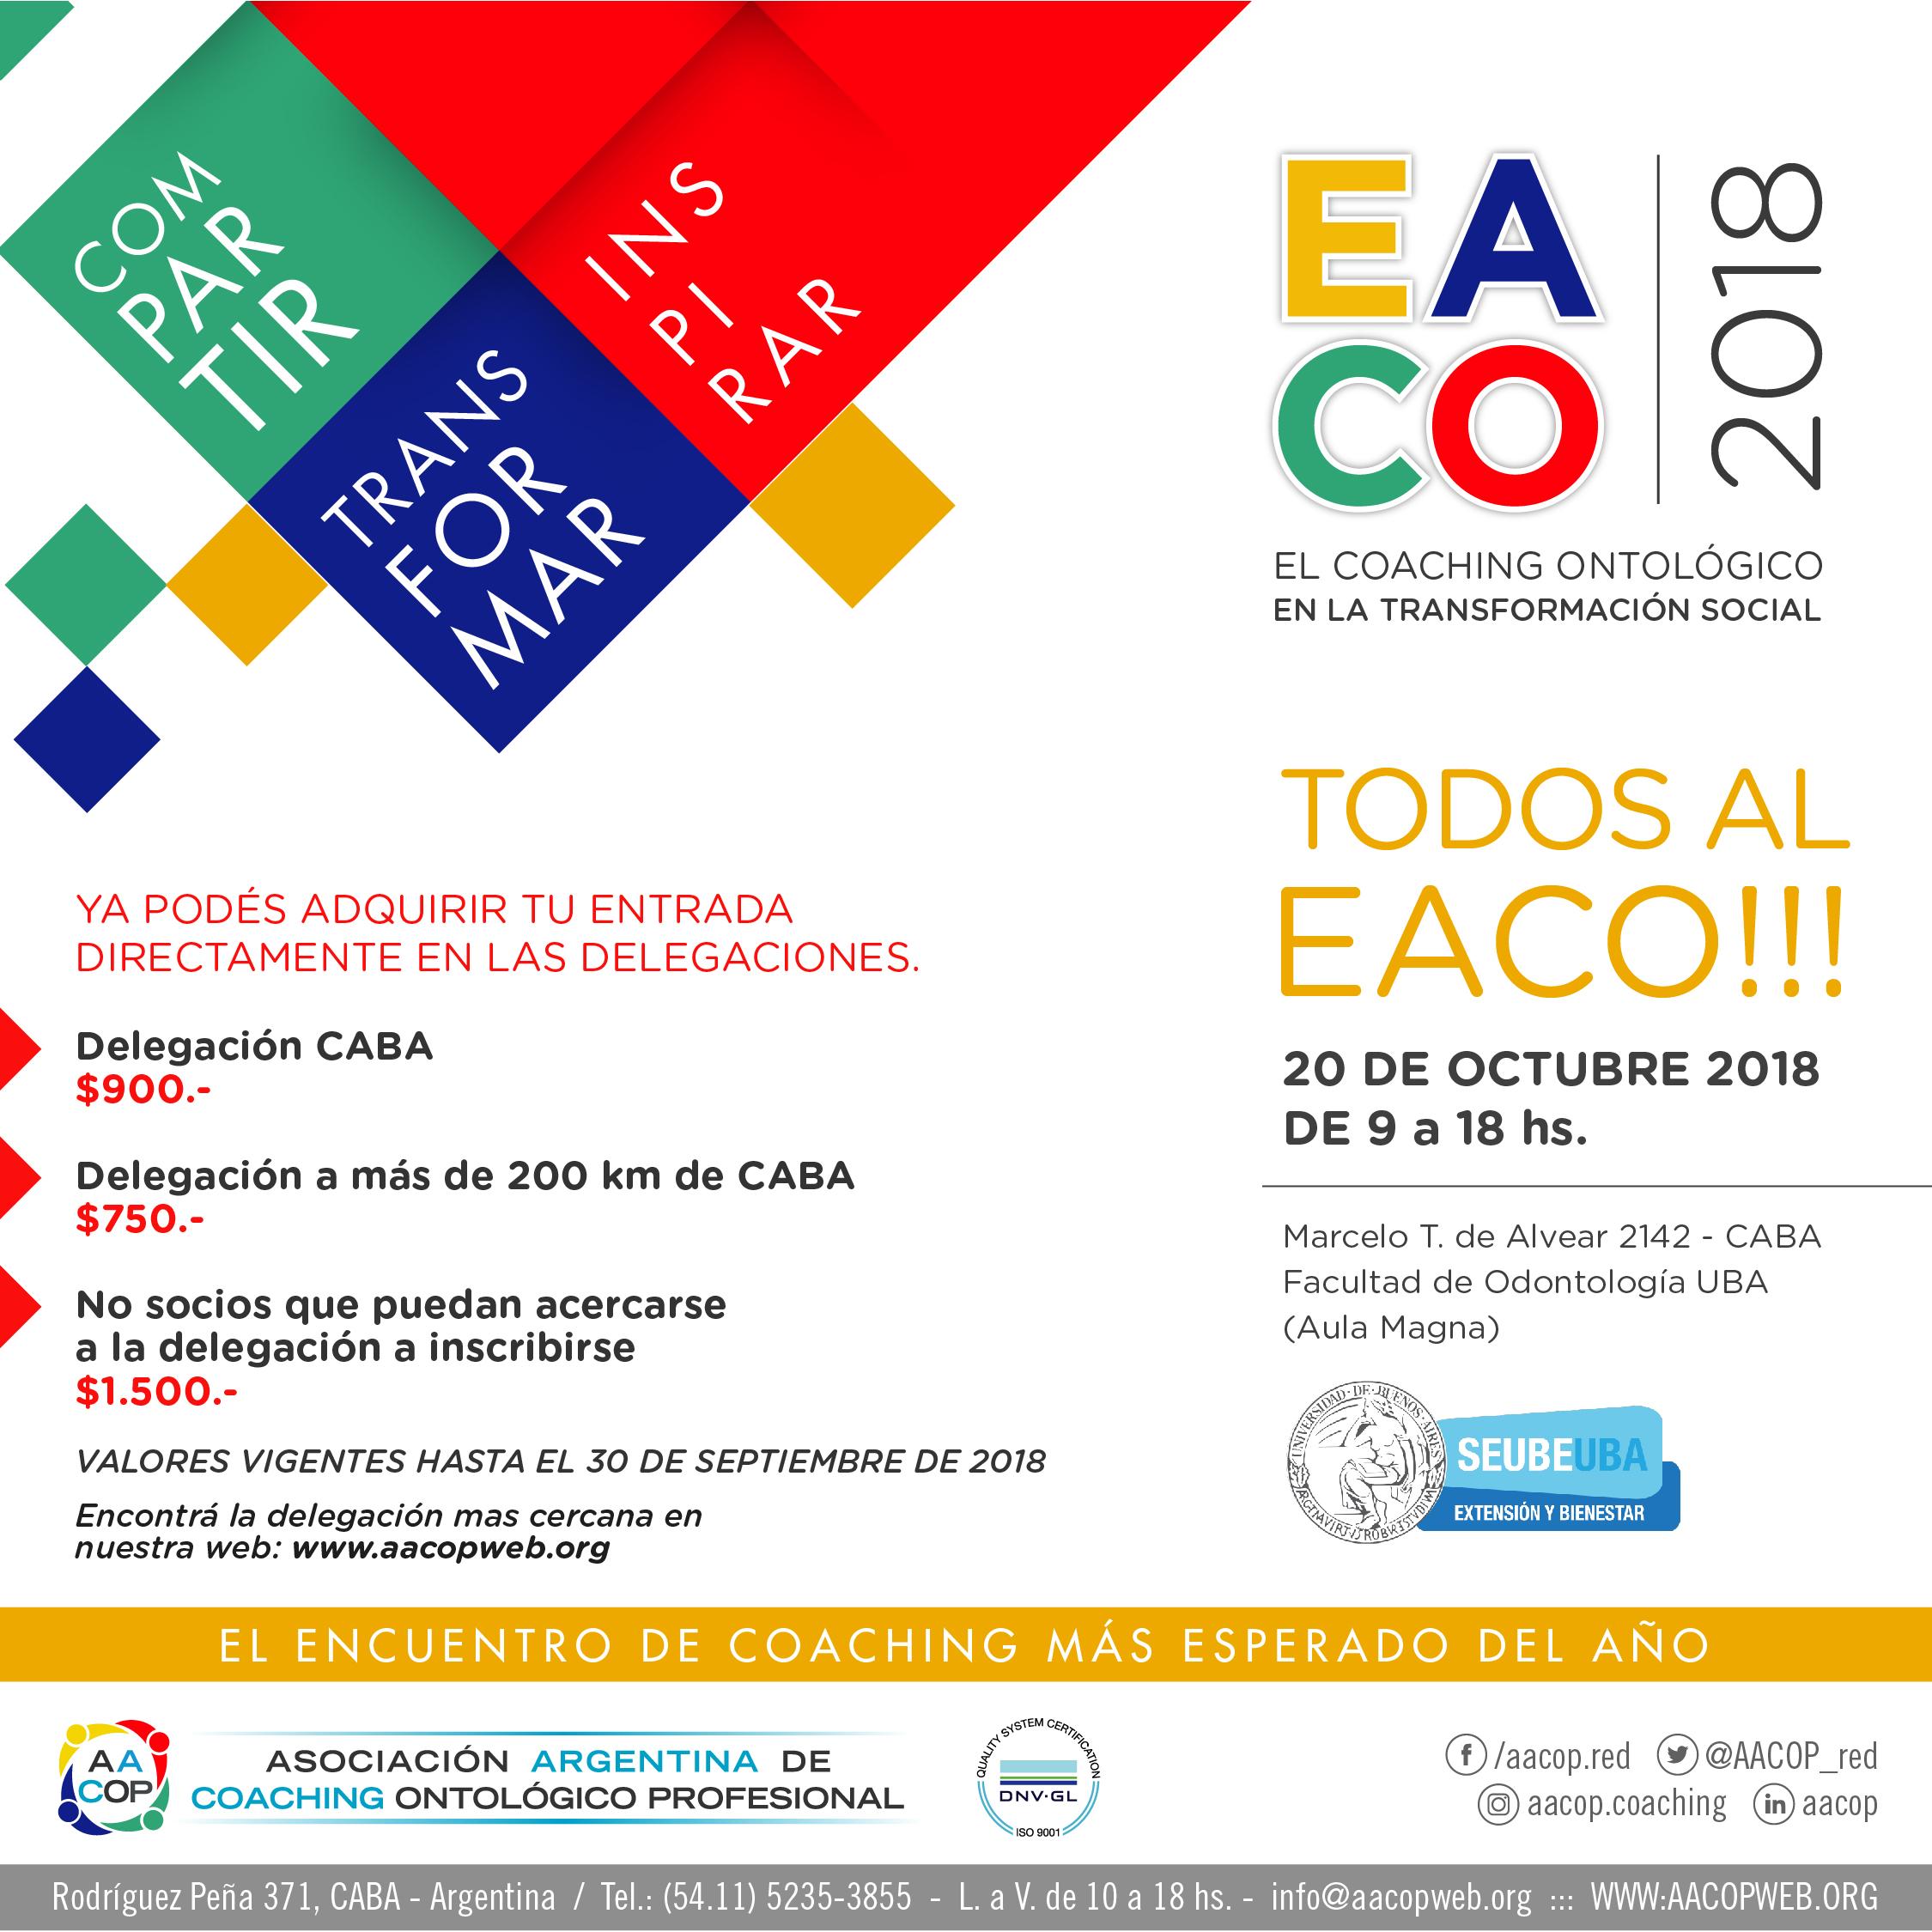 Entradas anticipadas EACO 2018, 2da tanda | imagen